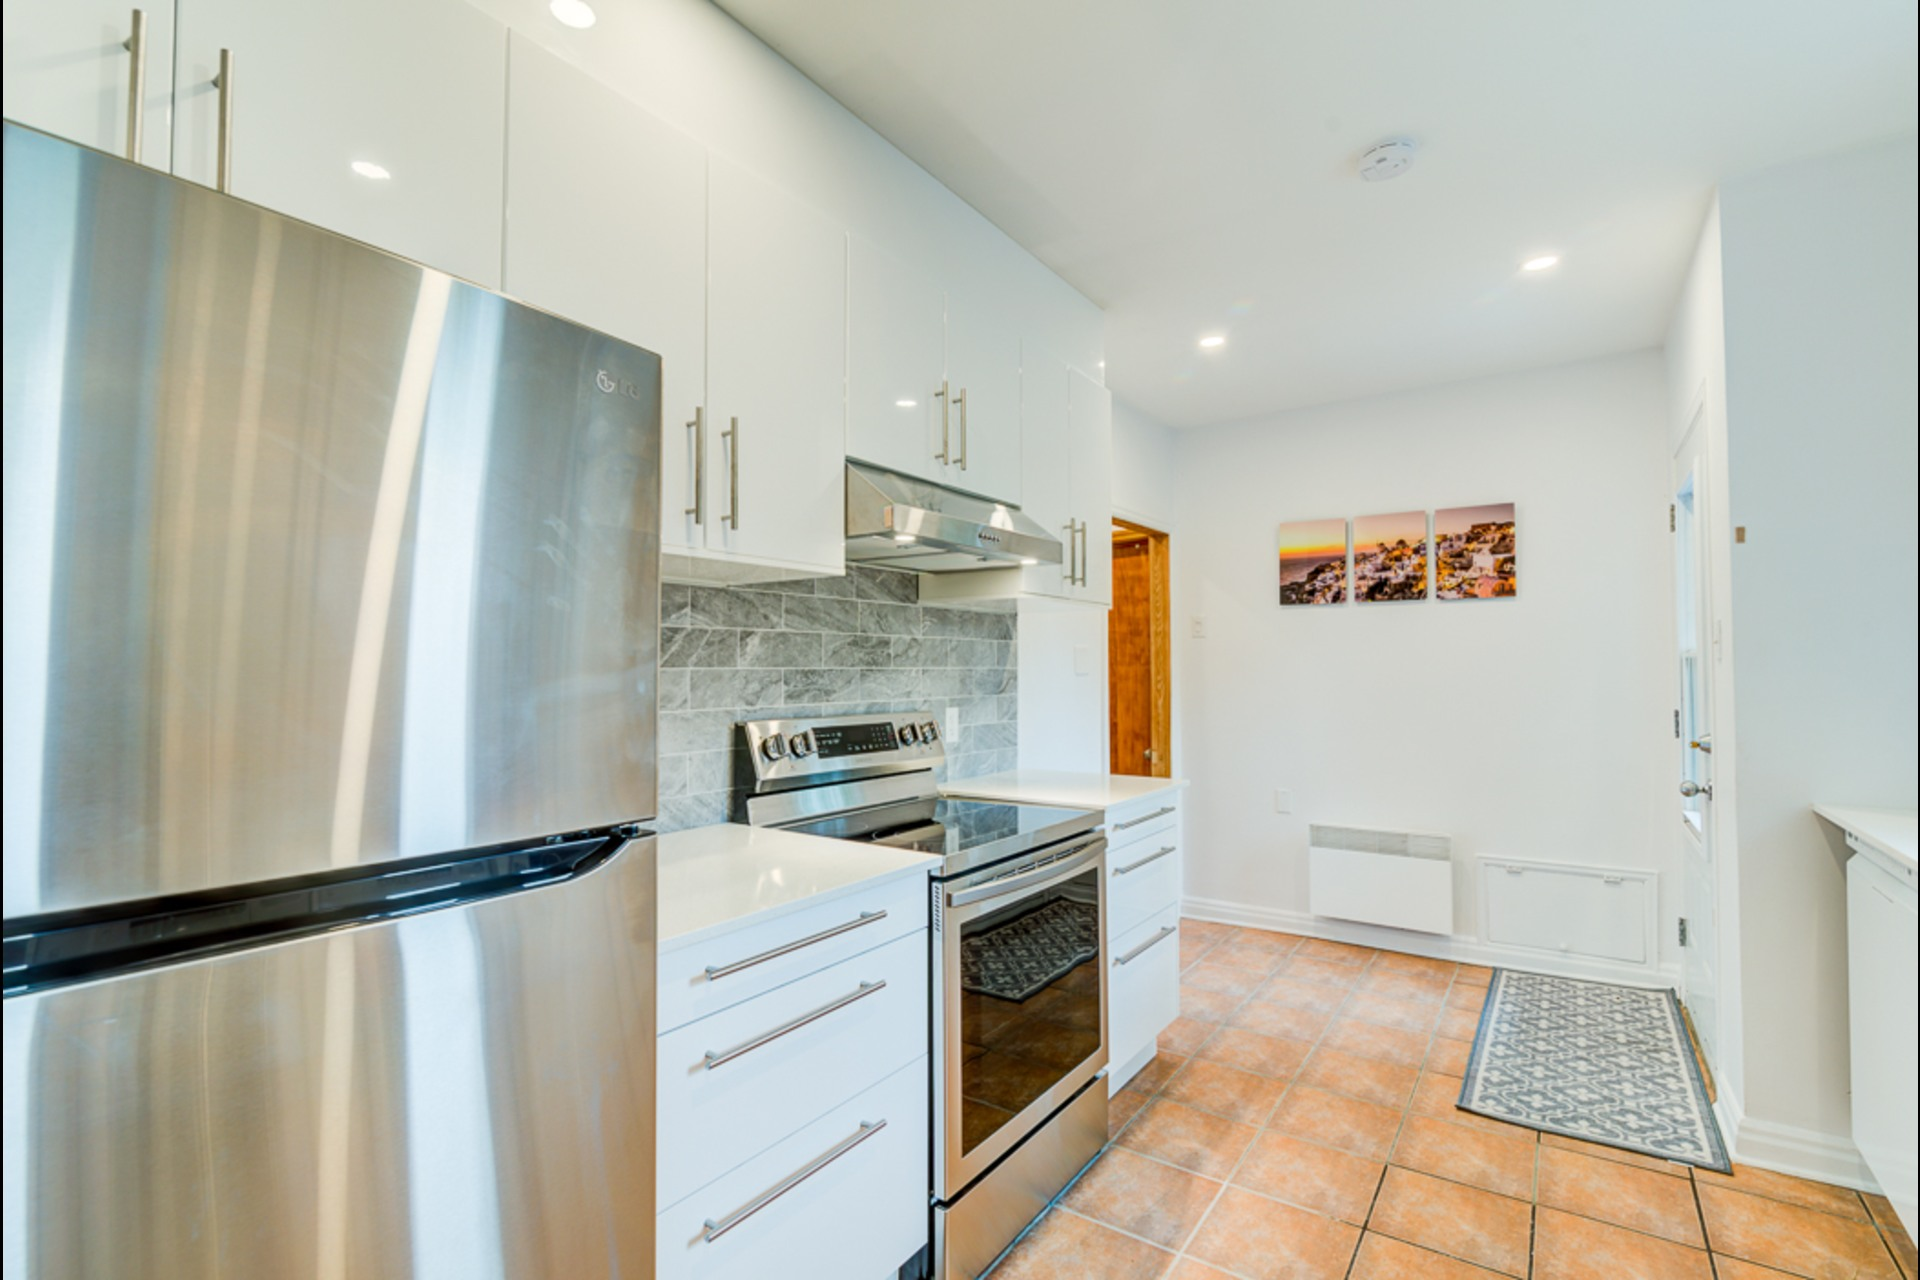 image 14 - House For rent Montréal